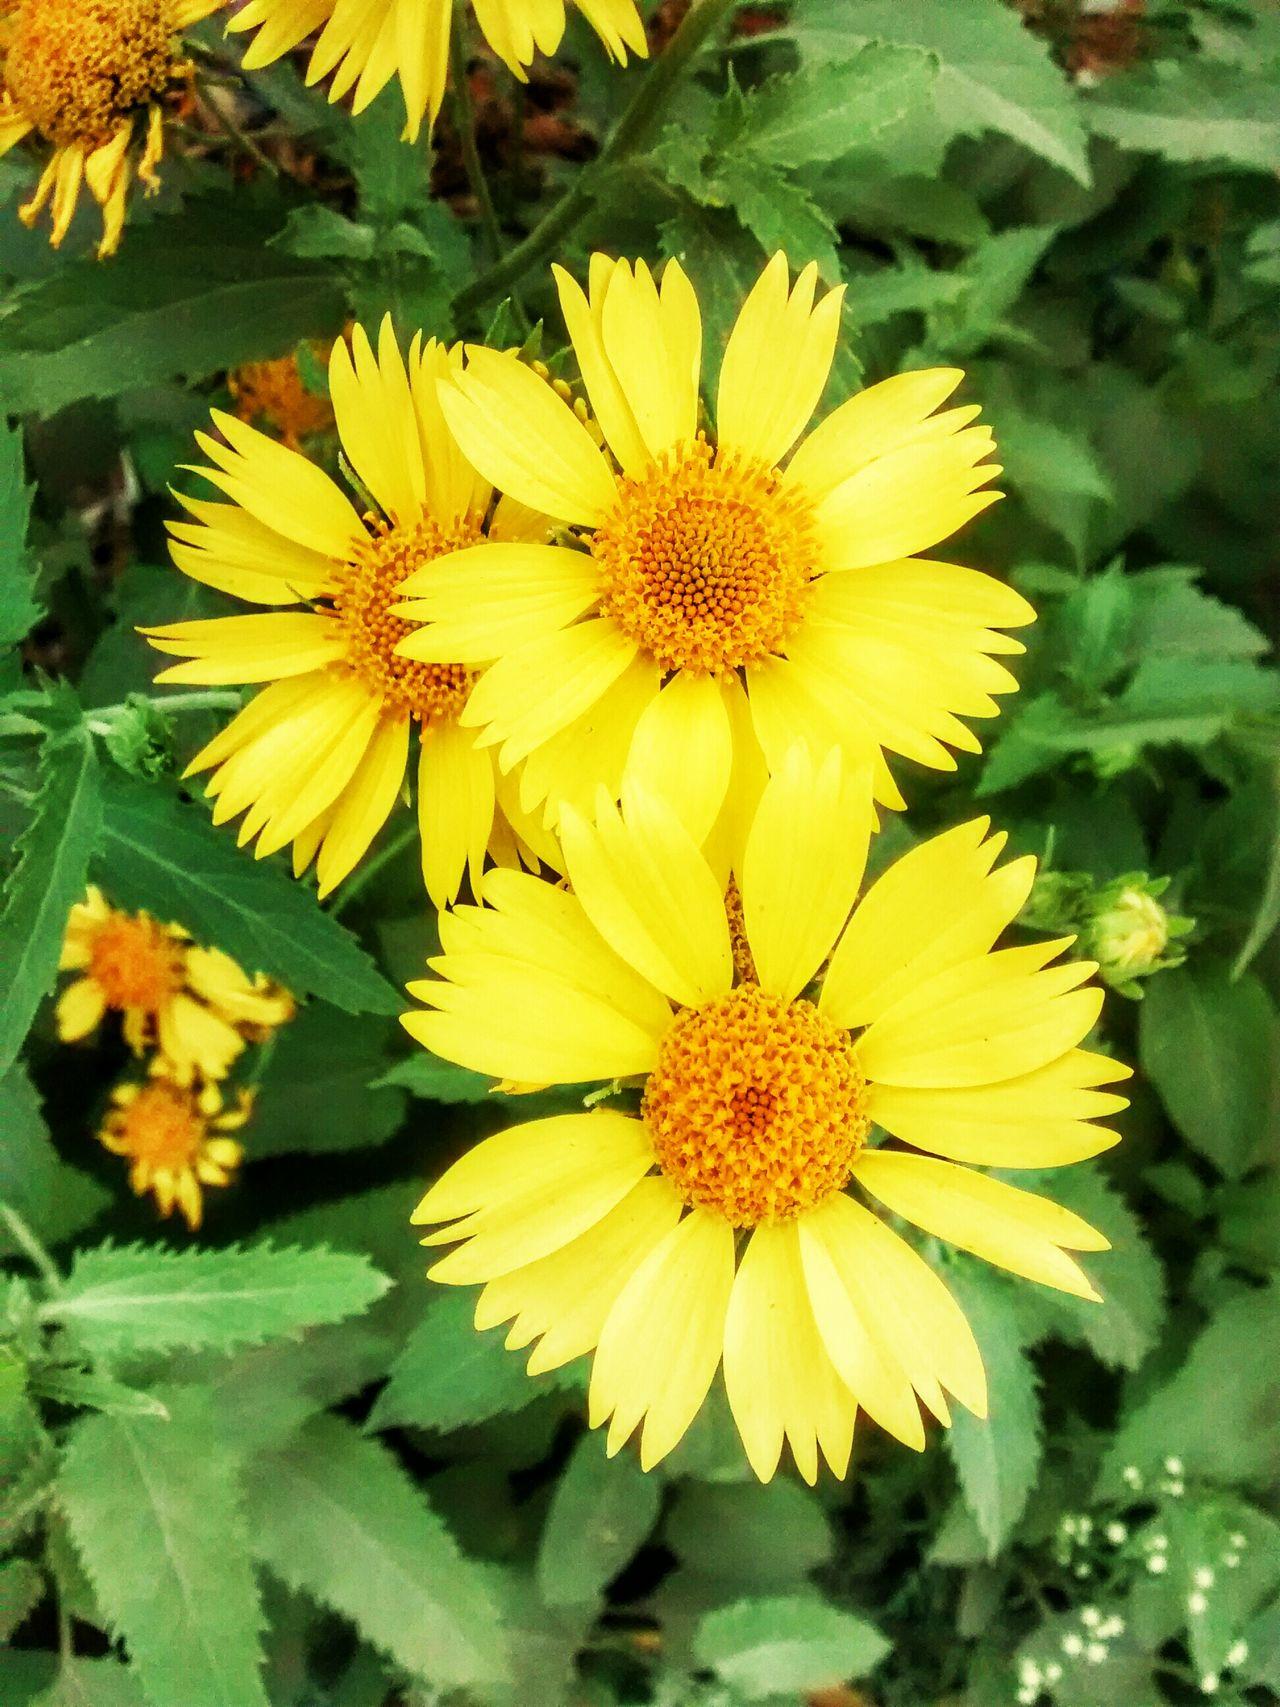 Yellowbeauty